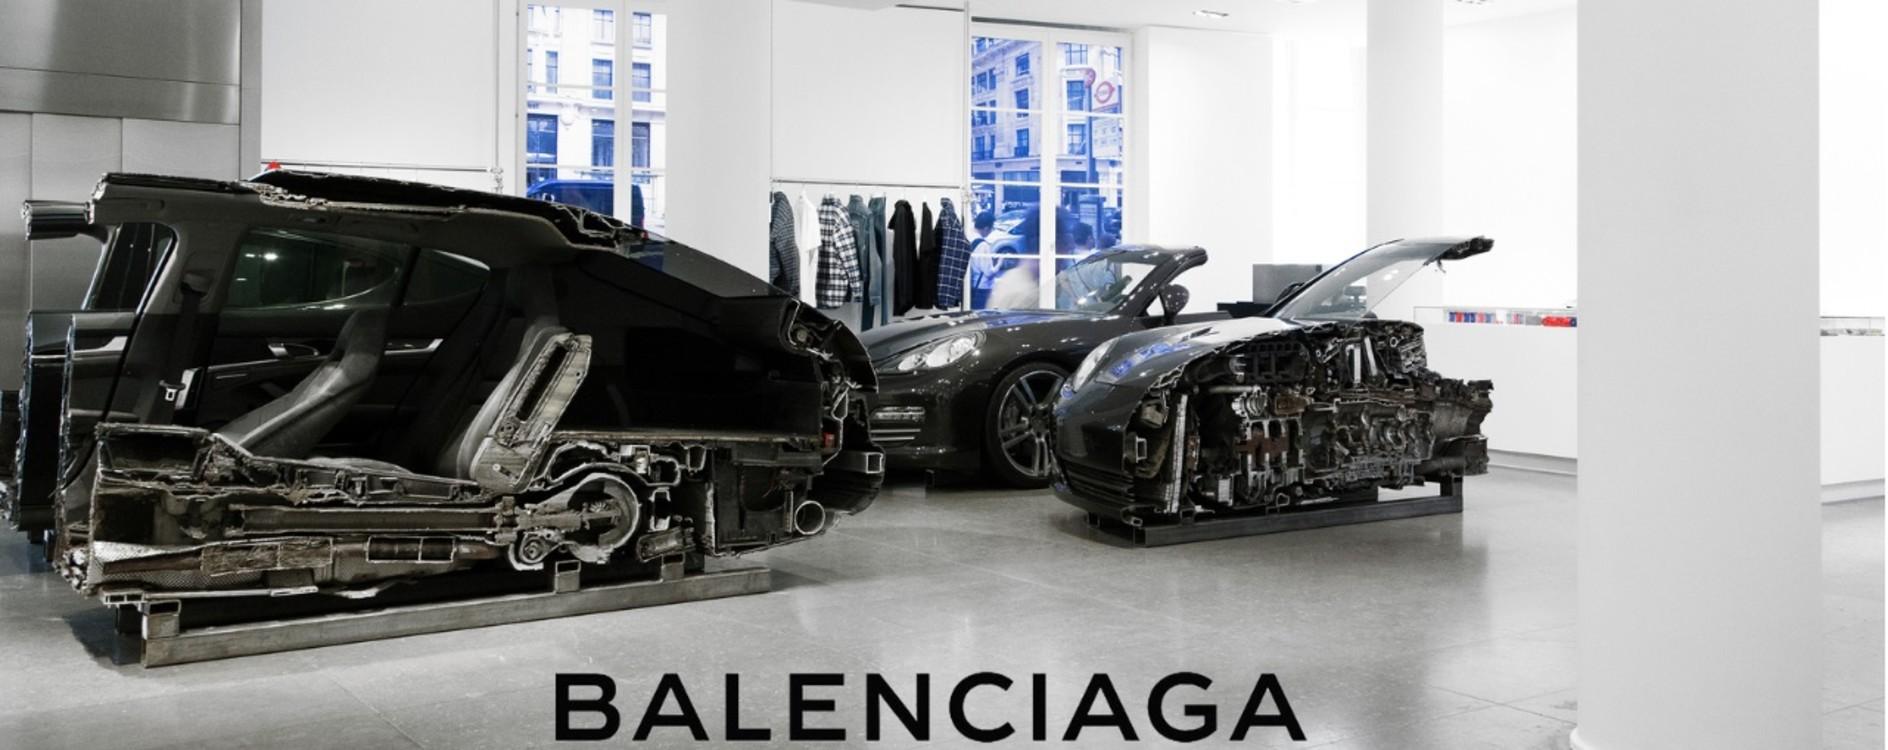 Инсталляция Balenciaga июль 2017